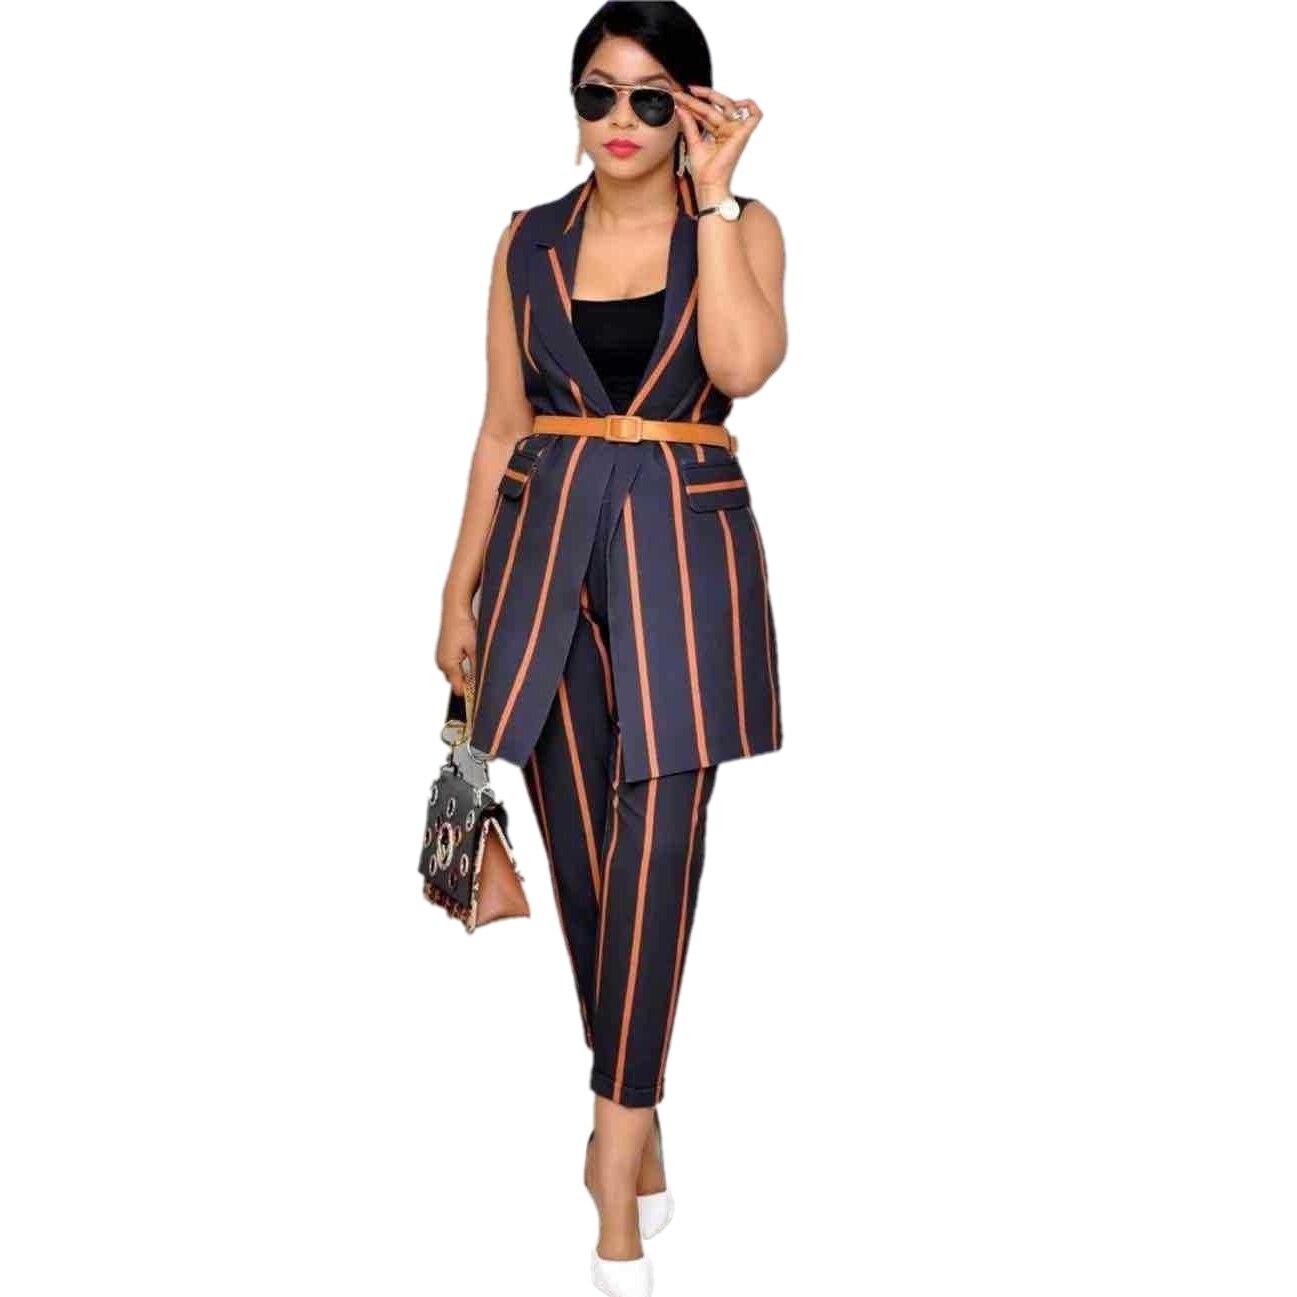 Conjunto de 2 piezas ropa Africana Dashiki nuevo Dashiki traje de moda (Top y pantalones) fiesta súper elástica talla grande para mujer